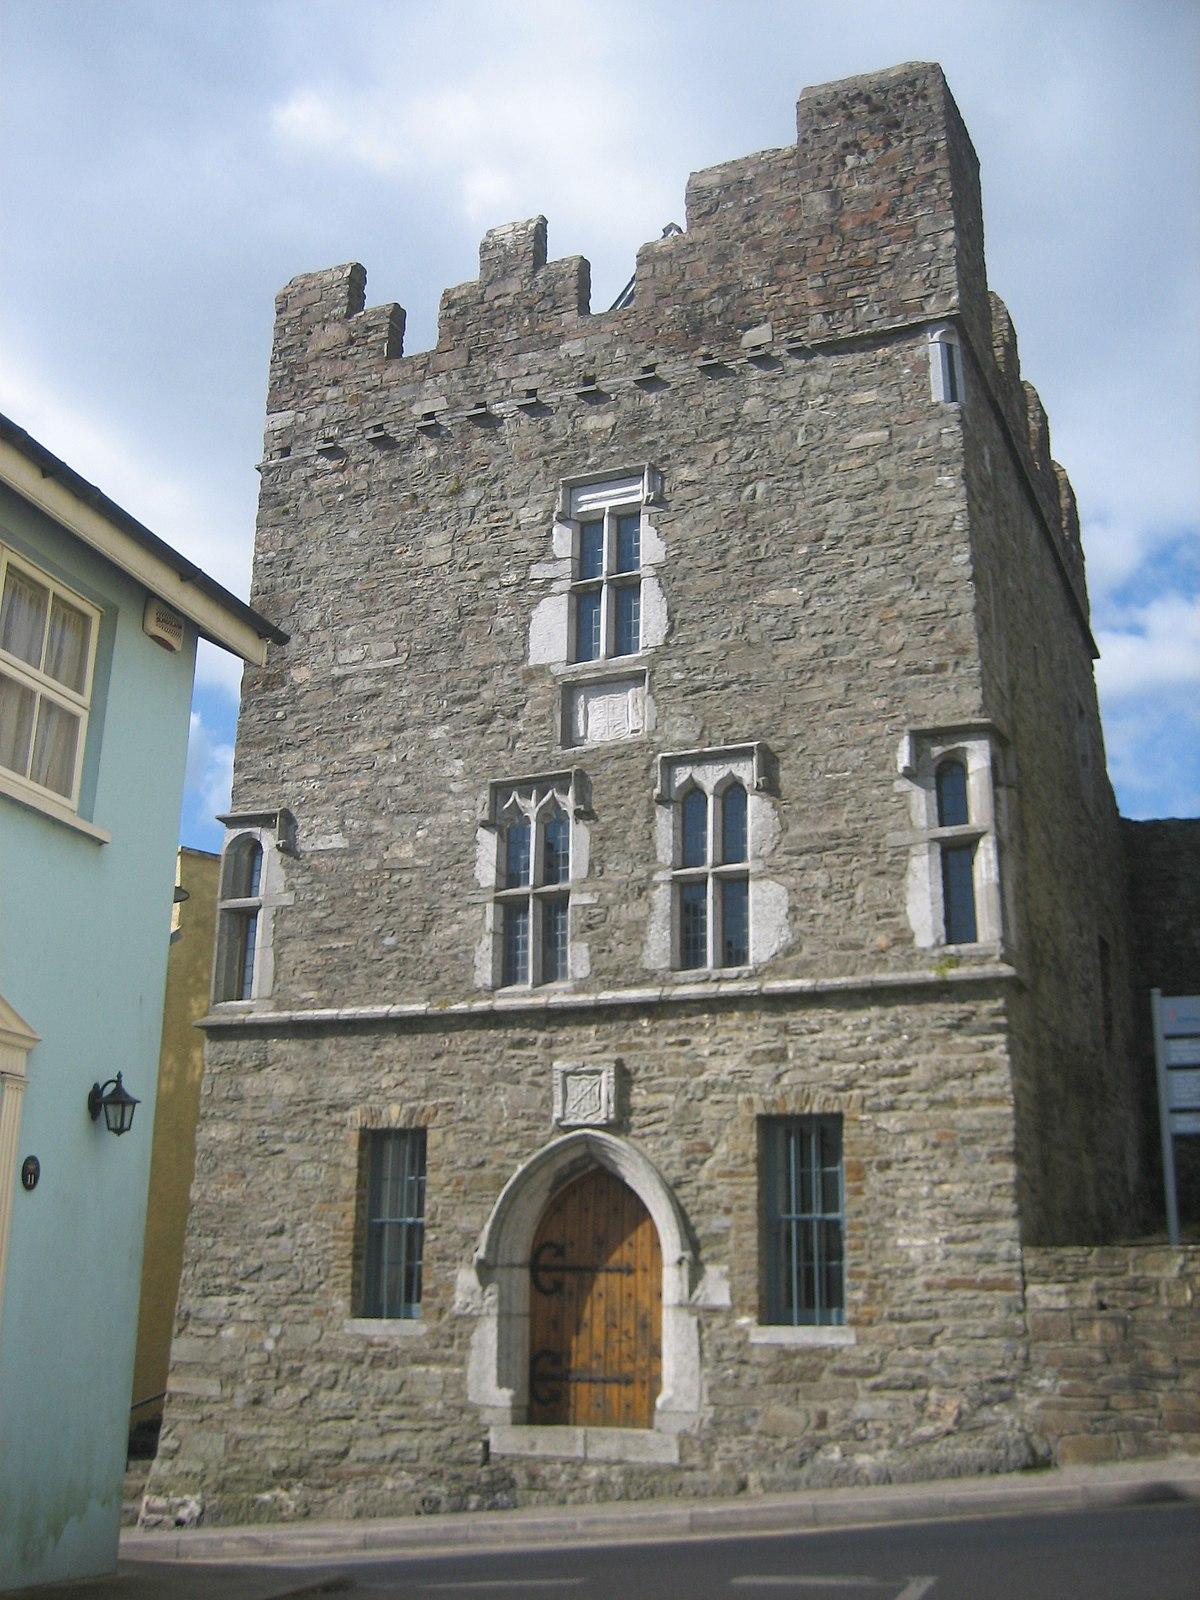 Desmond Castle Wikipedia